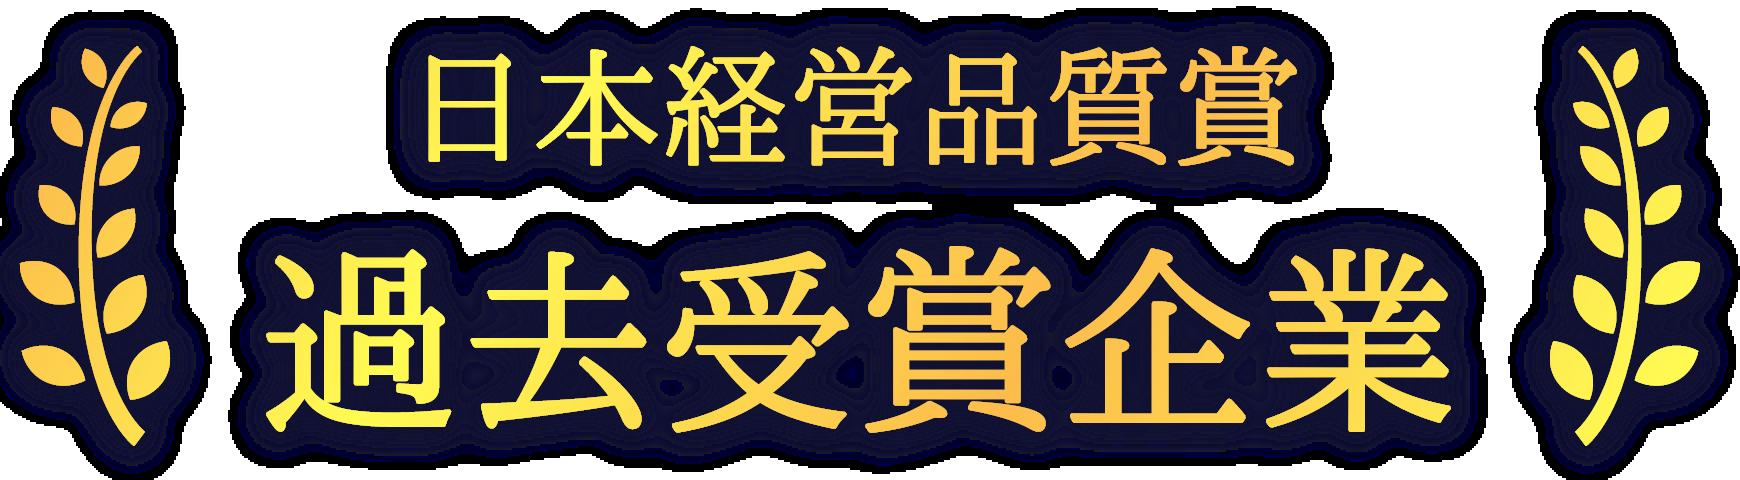 日本経営品質賞 過去受賞企業